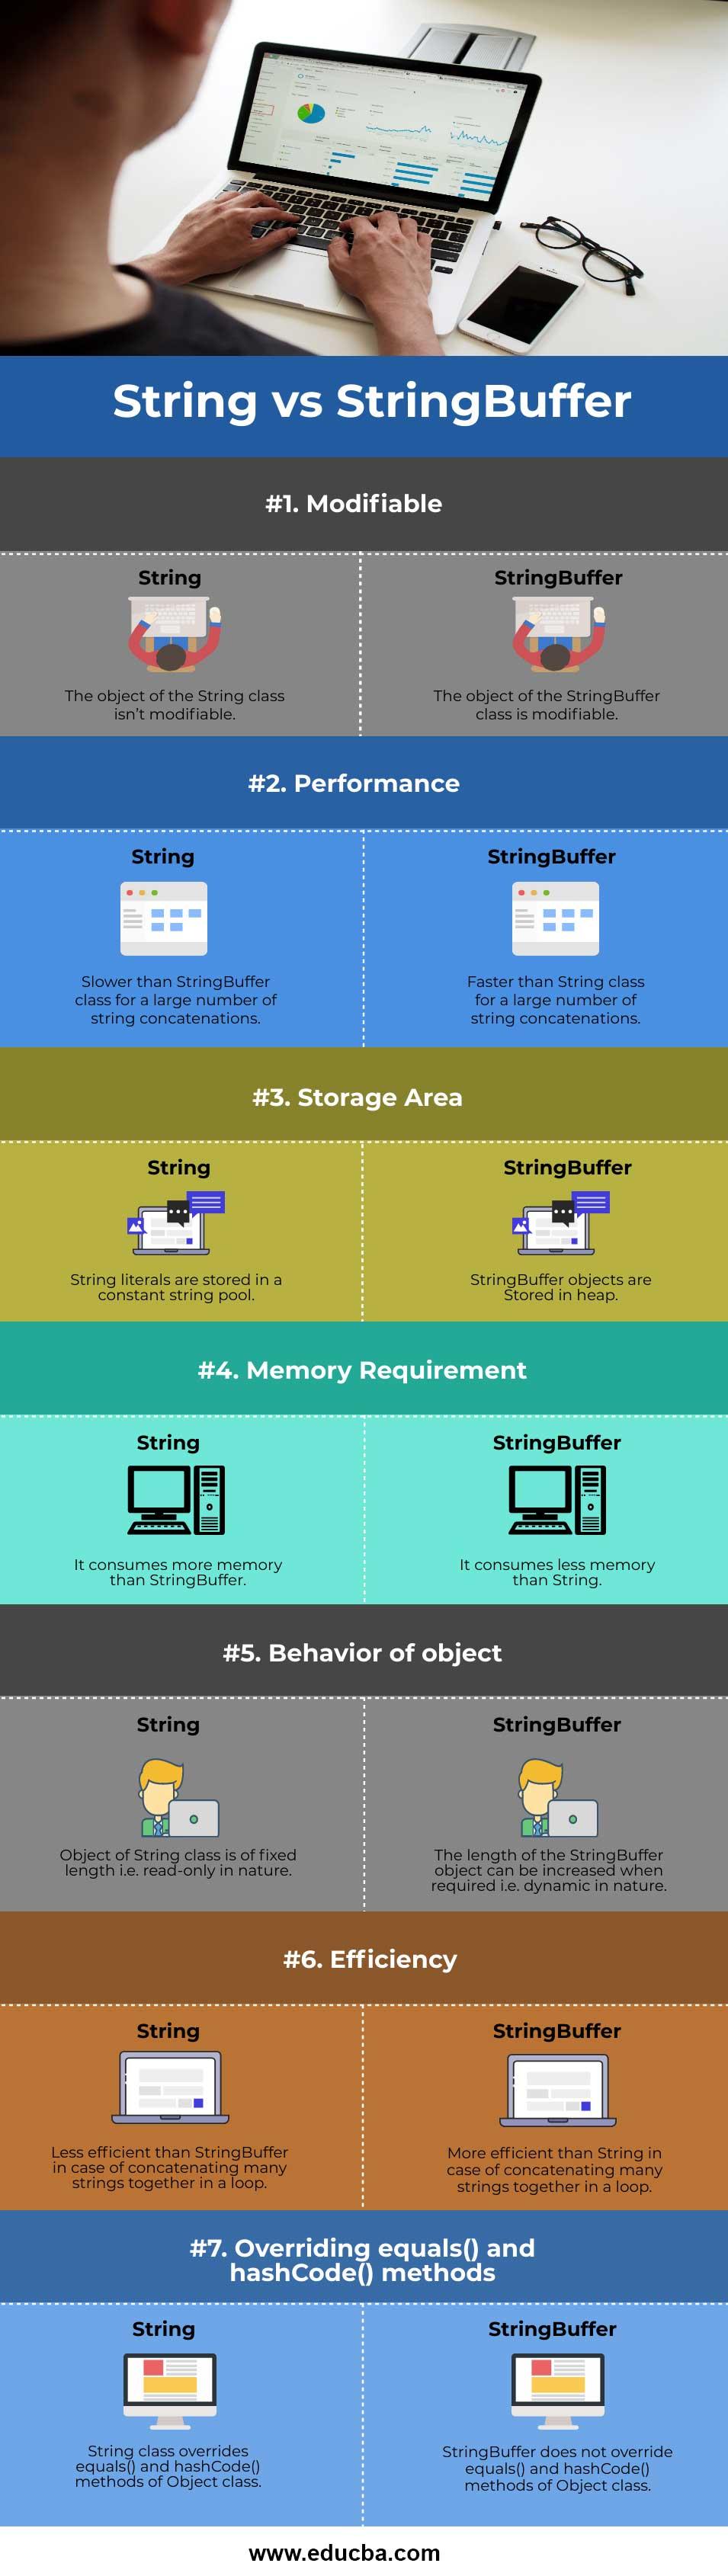 String-vs-StringBuffer-info